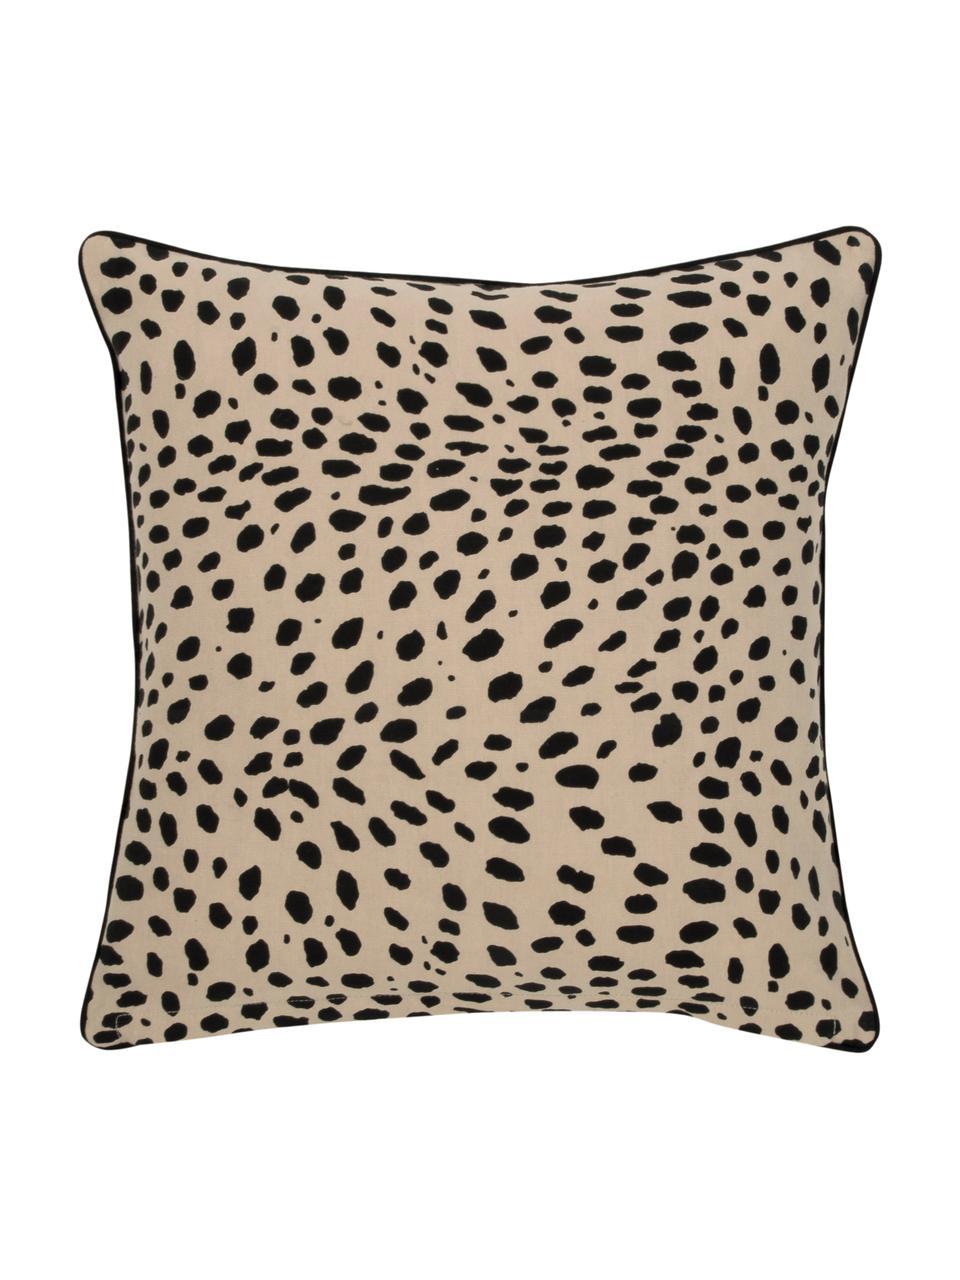 Poszewka na poduszkę Serena, 100% bawełna, Beżowy, czarny, S 45 x D 45 cm